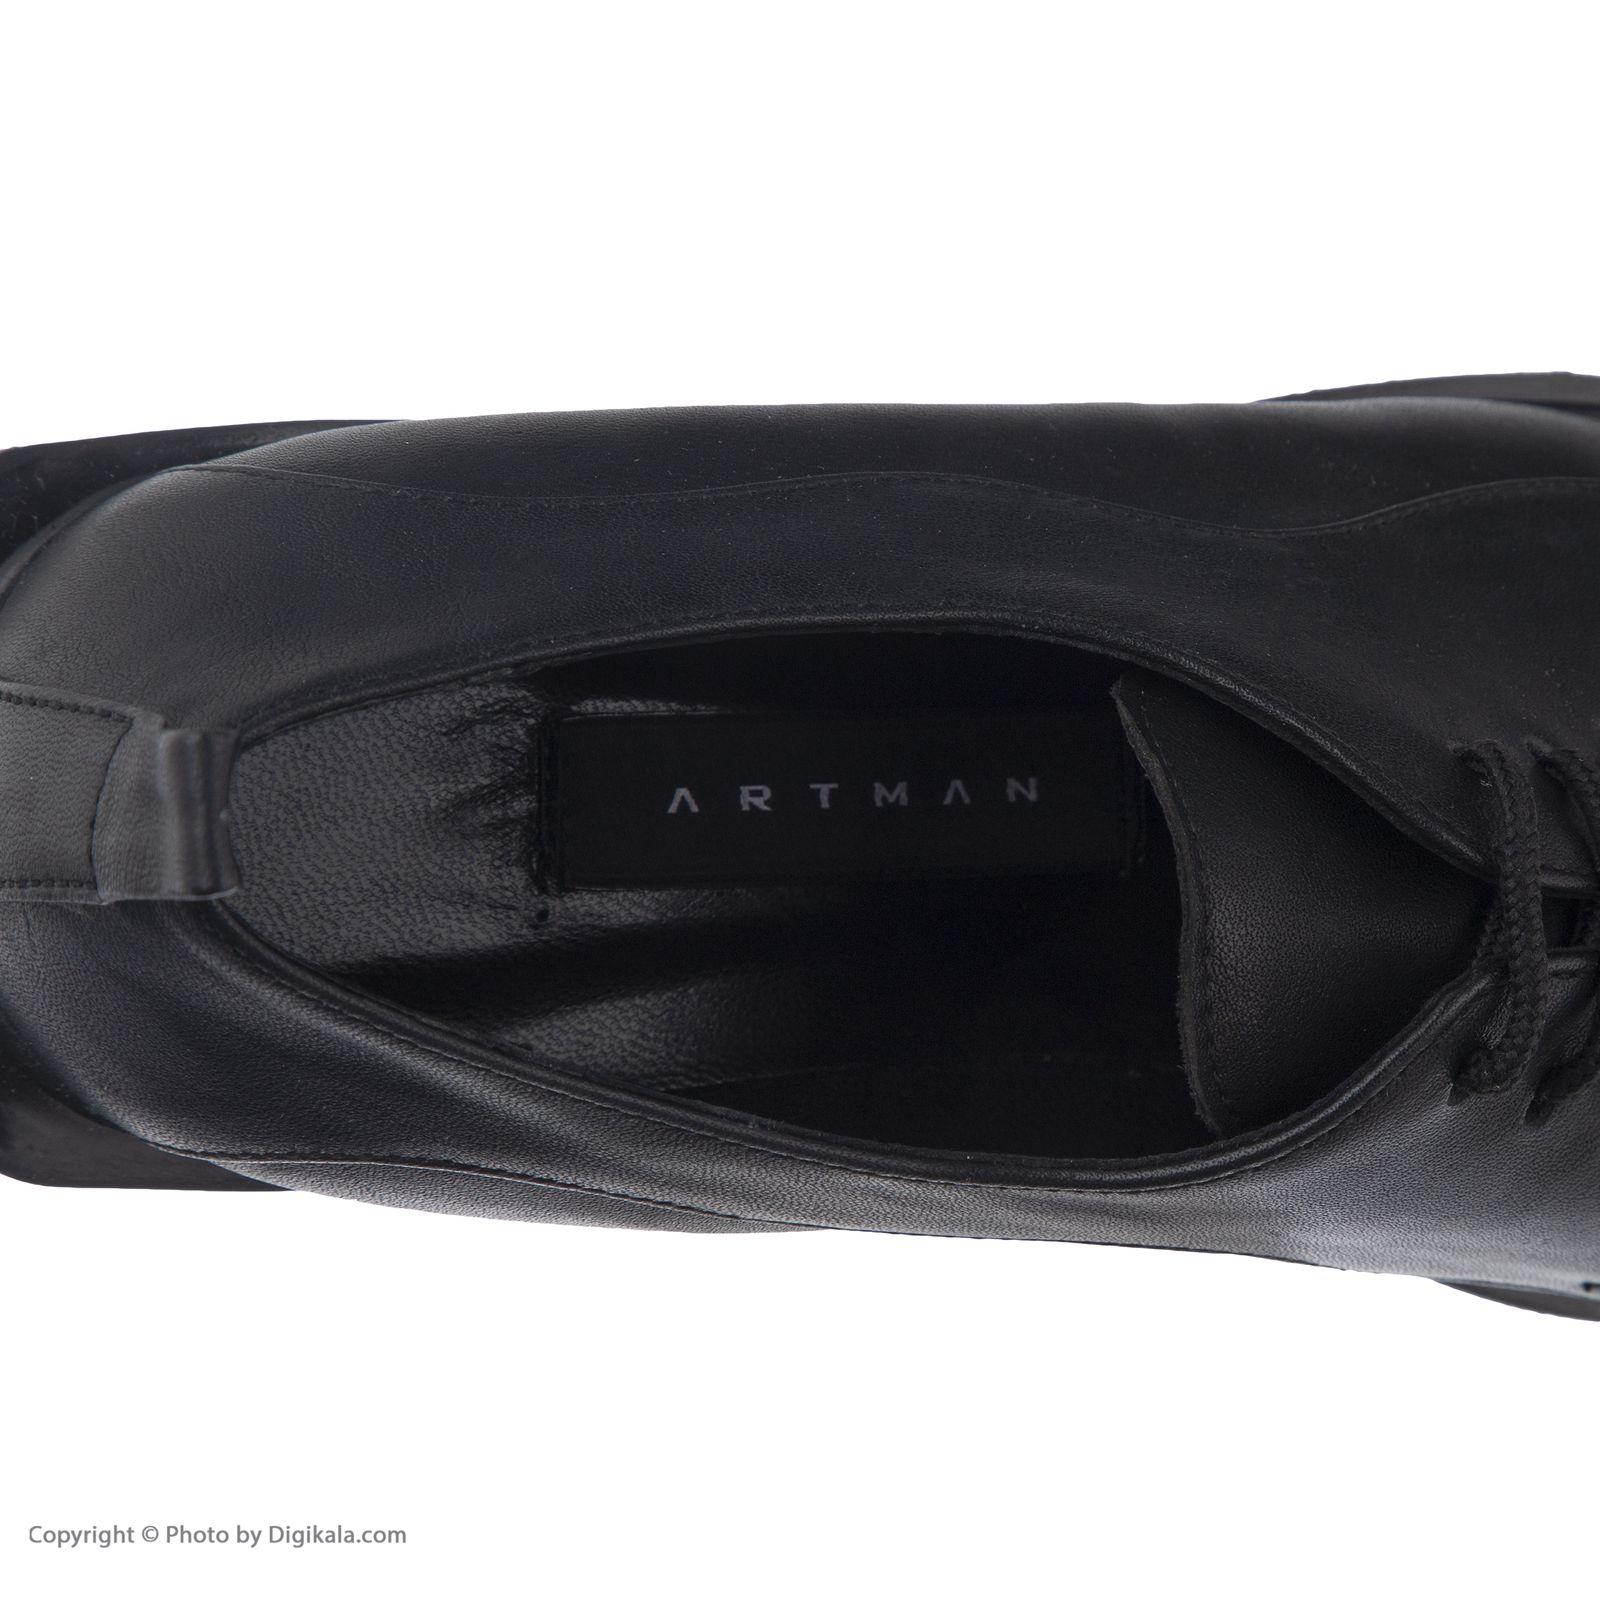 کفش روزمره زنانه آرتمن مدل Brooke-42013 -  - 8